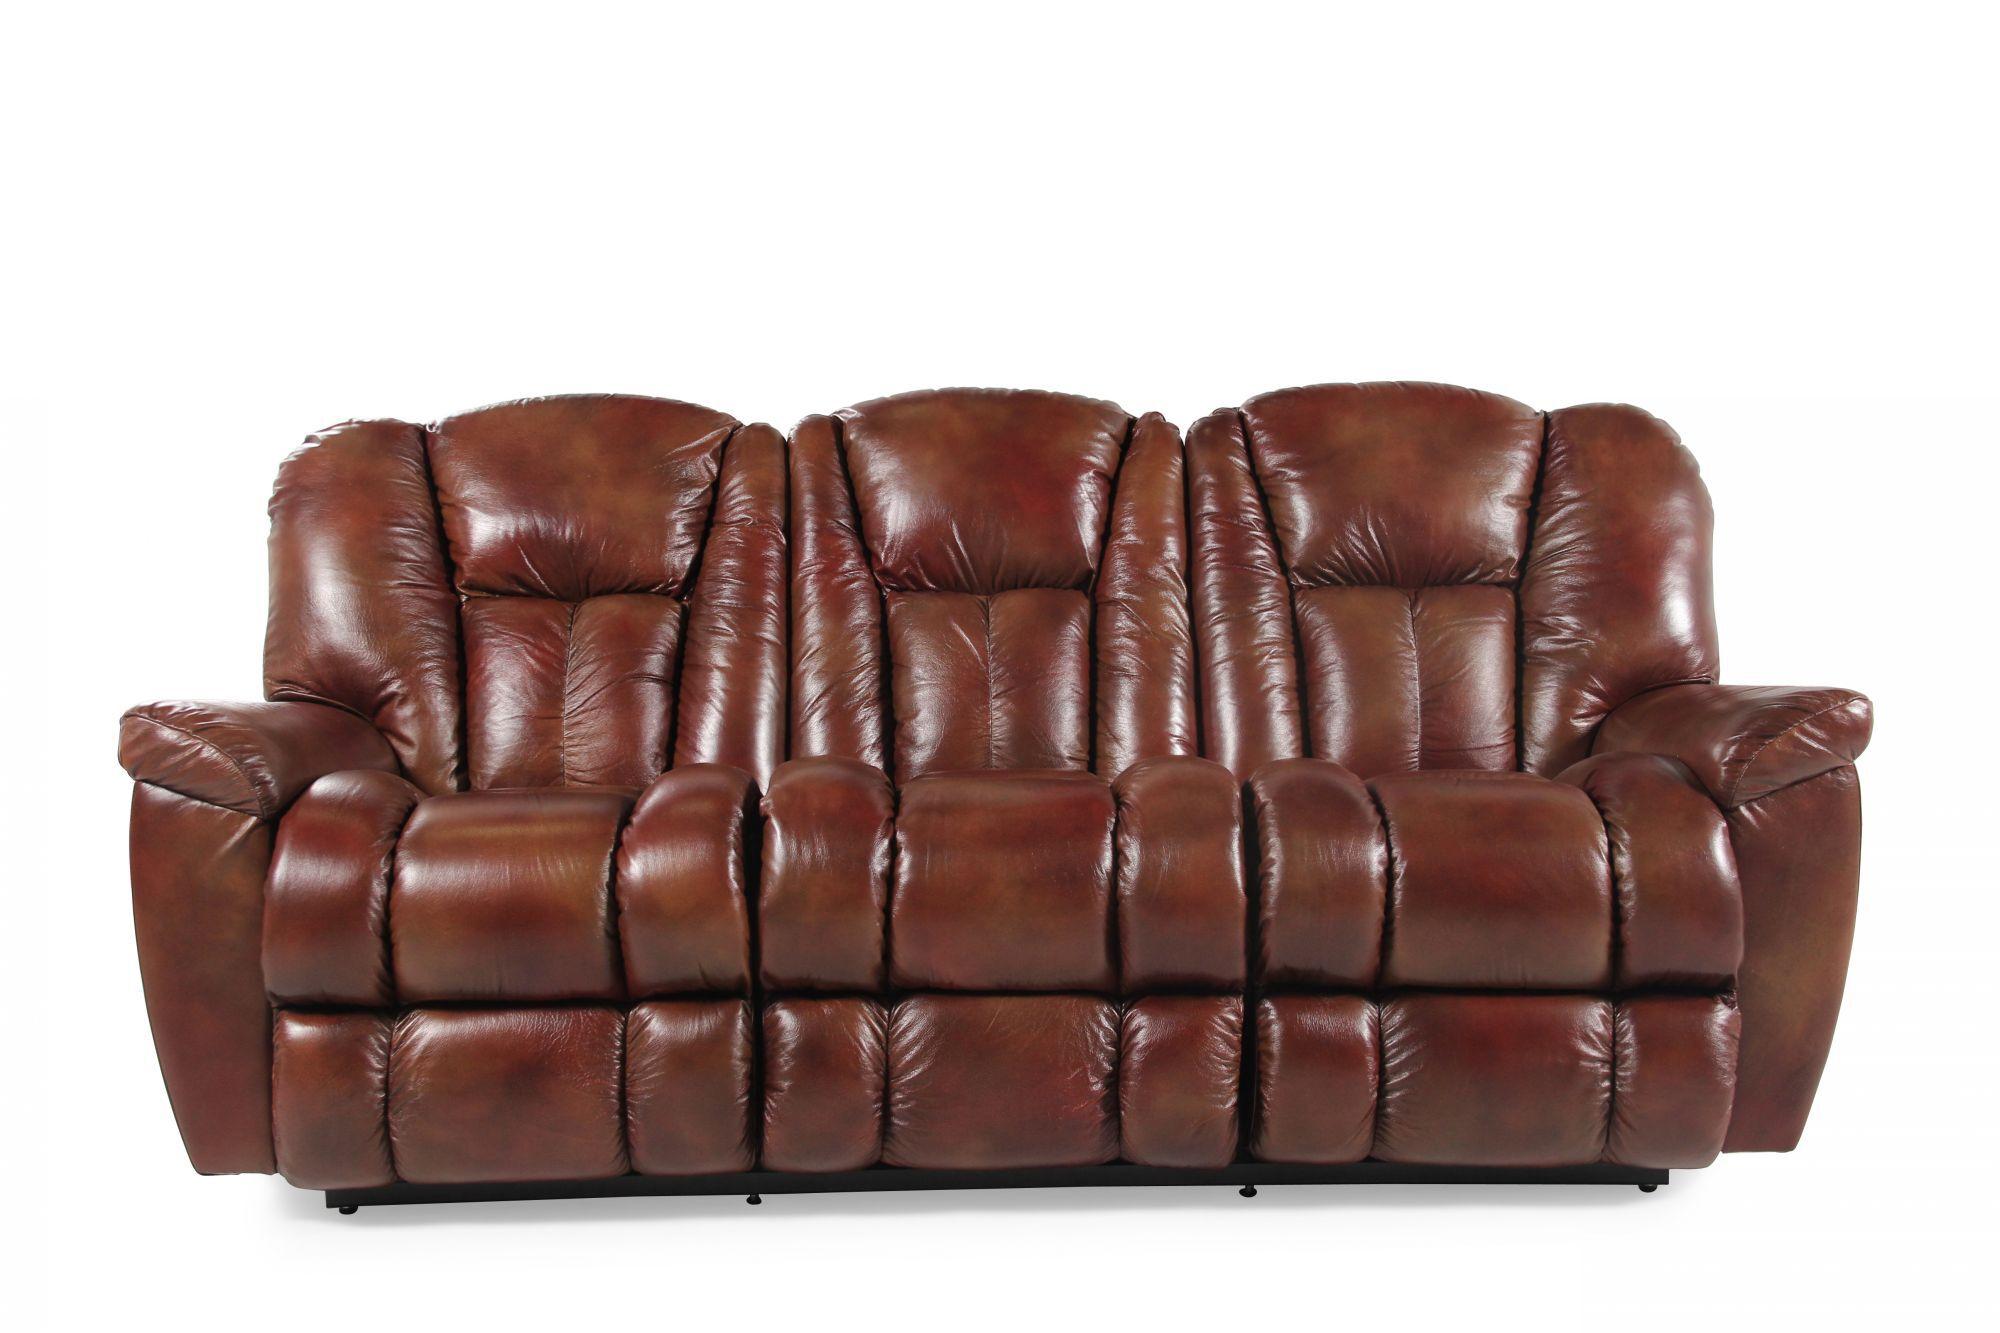 Leather 87 Reclining Sofa In Mahogany